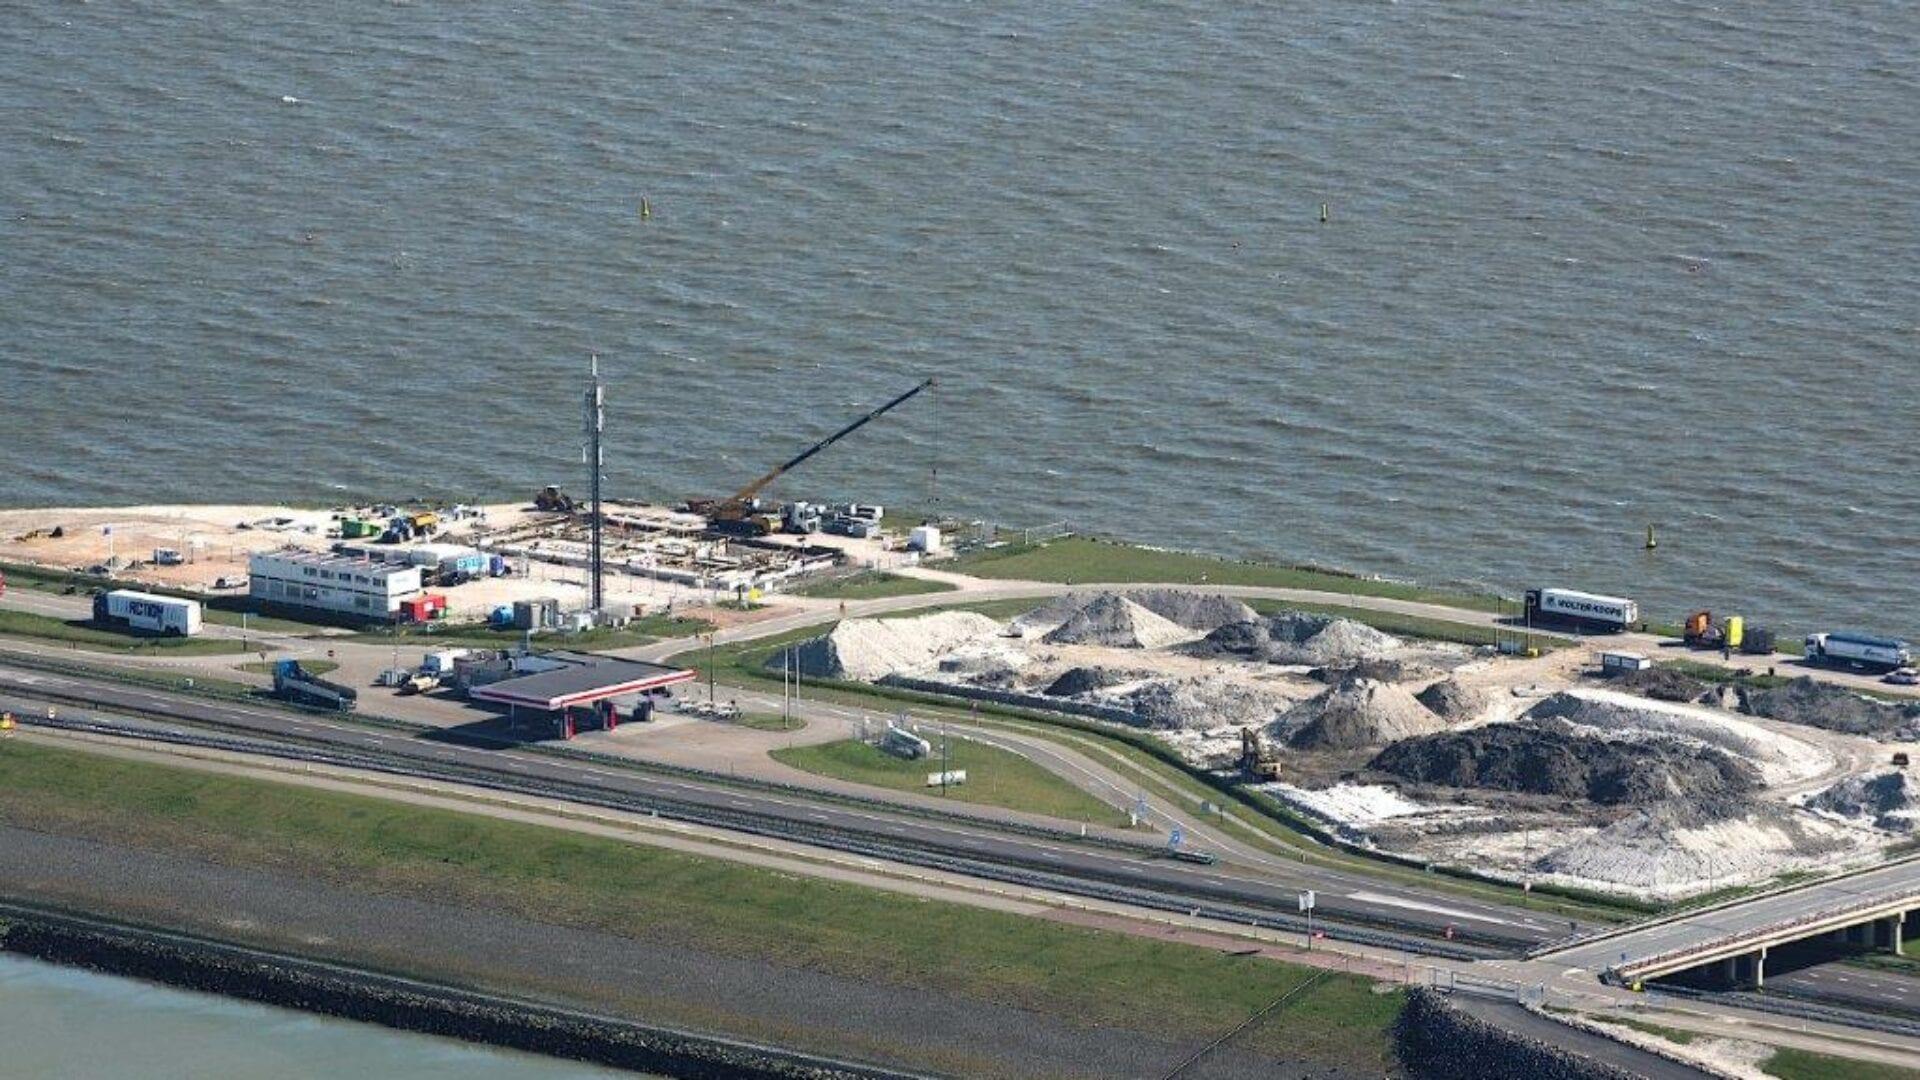 Luchtfoto van de Afsluitdijk. Je ziet een klein stukje met een bouwterrein. Er staan een paar vrachtwagens, hefkraan en klein gebouwtje. Verder kijk je vanuit het IJsselmeer en zie je een stuk van de Waddenzee. Ook zie je een deel met zandhopen.